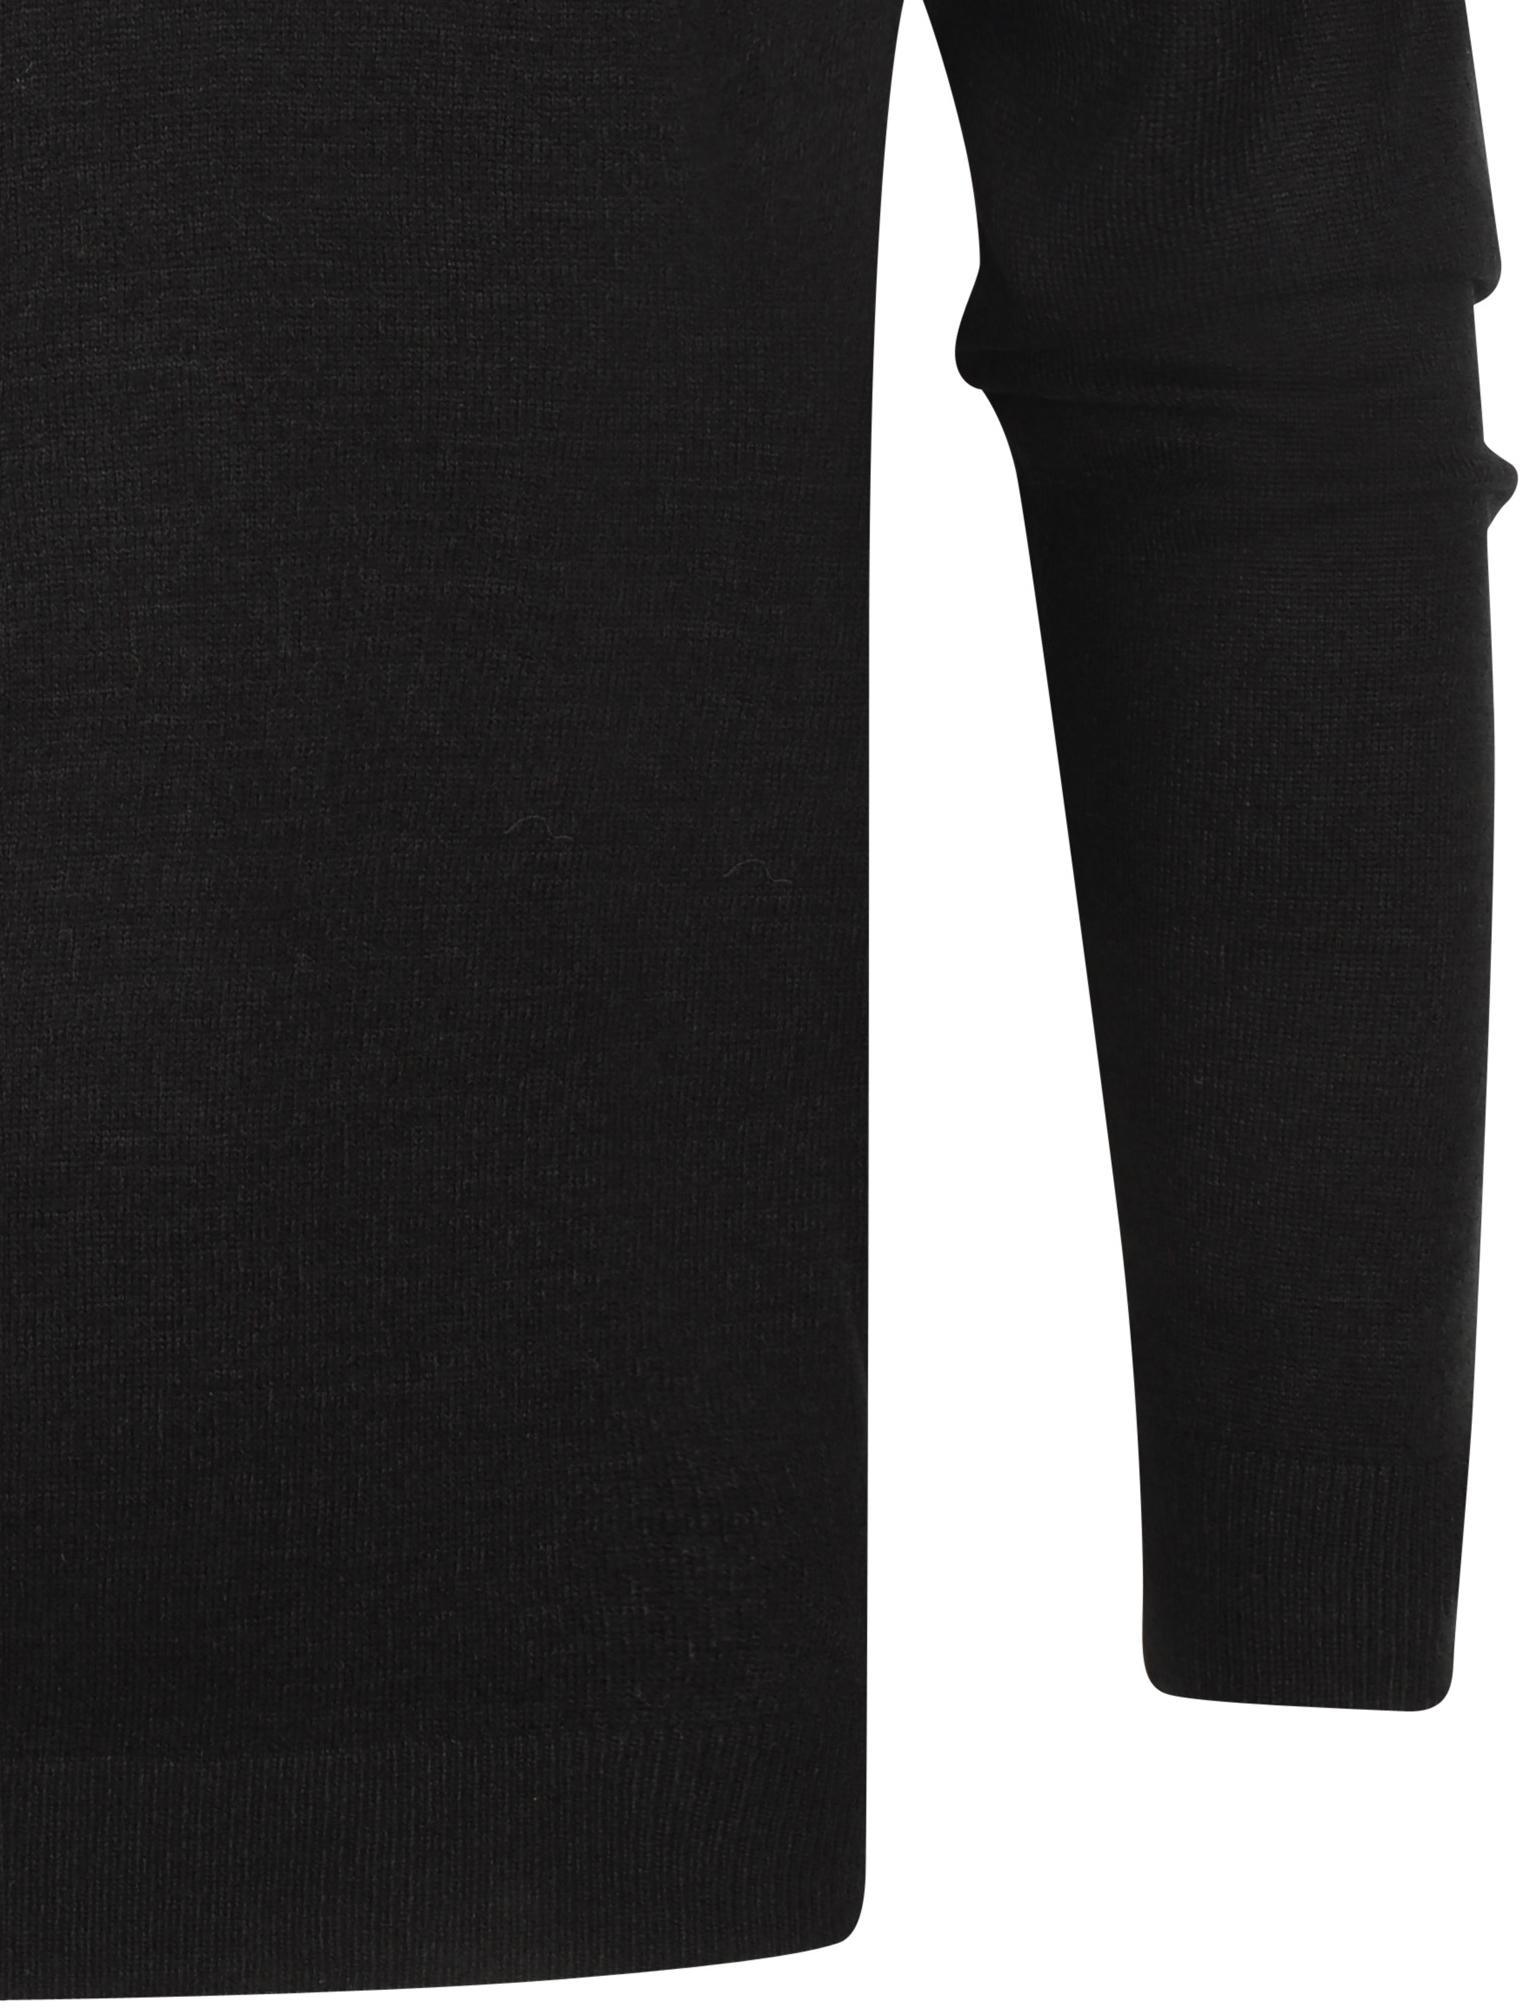 Kensington-Eastside-Men-039-s-Wool-Blend-Knitted-Crew-or-V-Neck-Jumper-Sweater-Top thumbnail 45